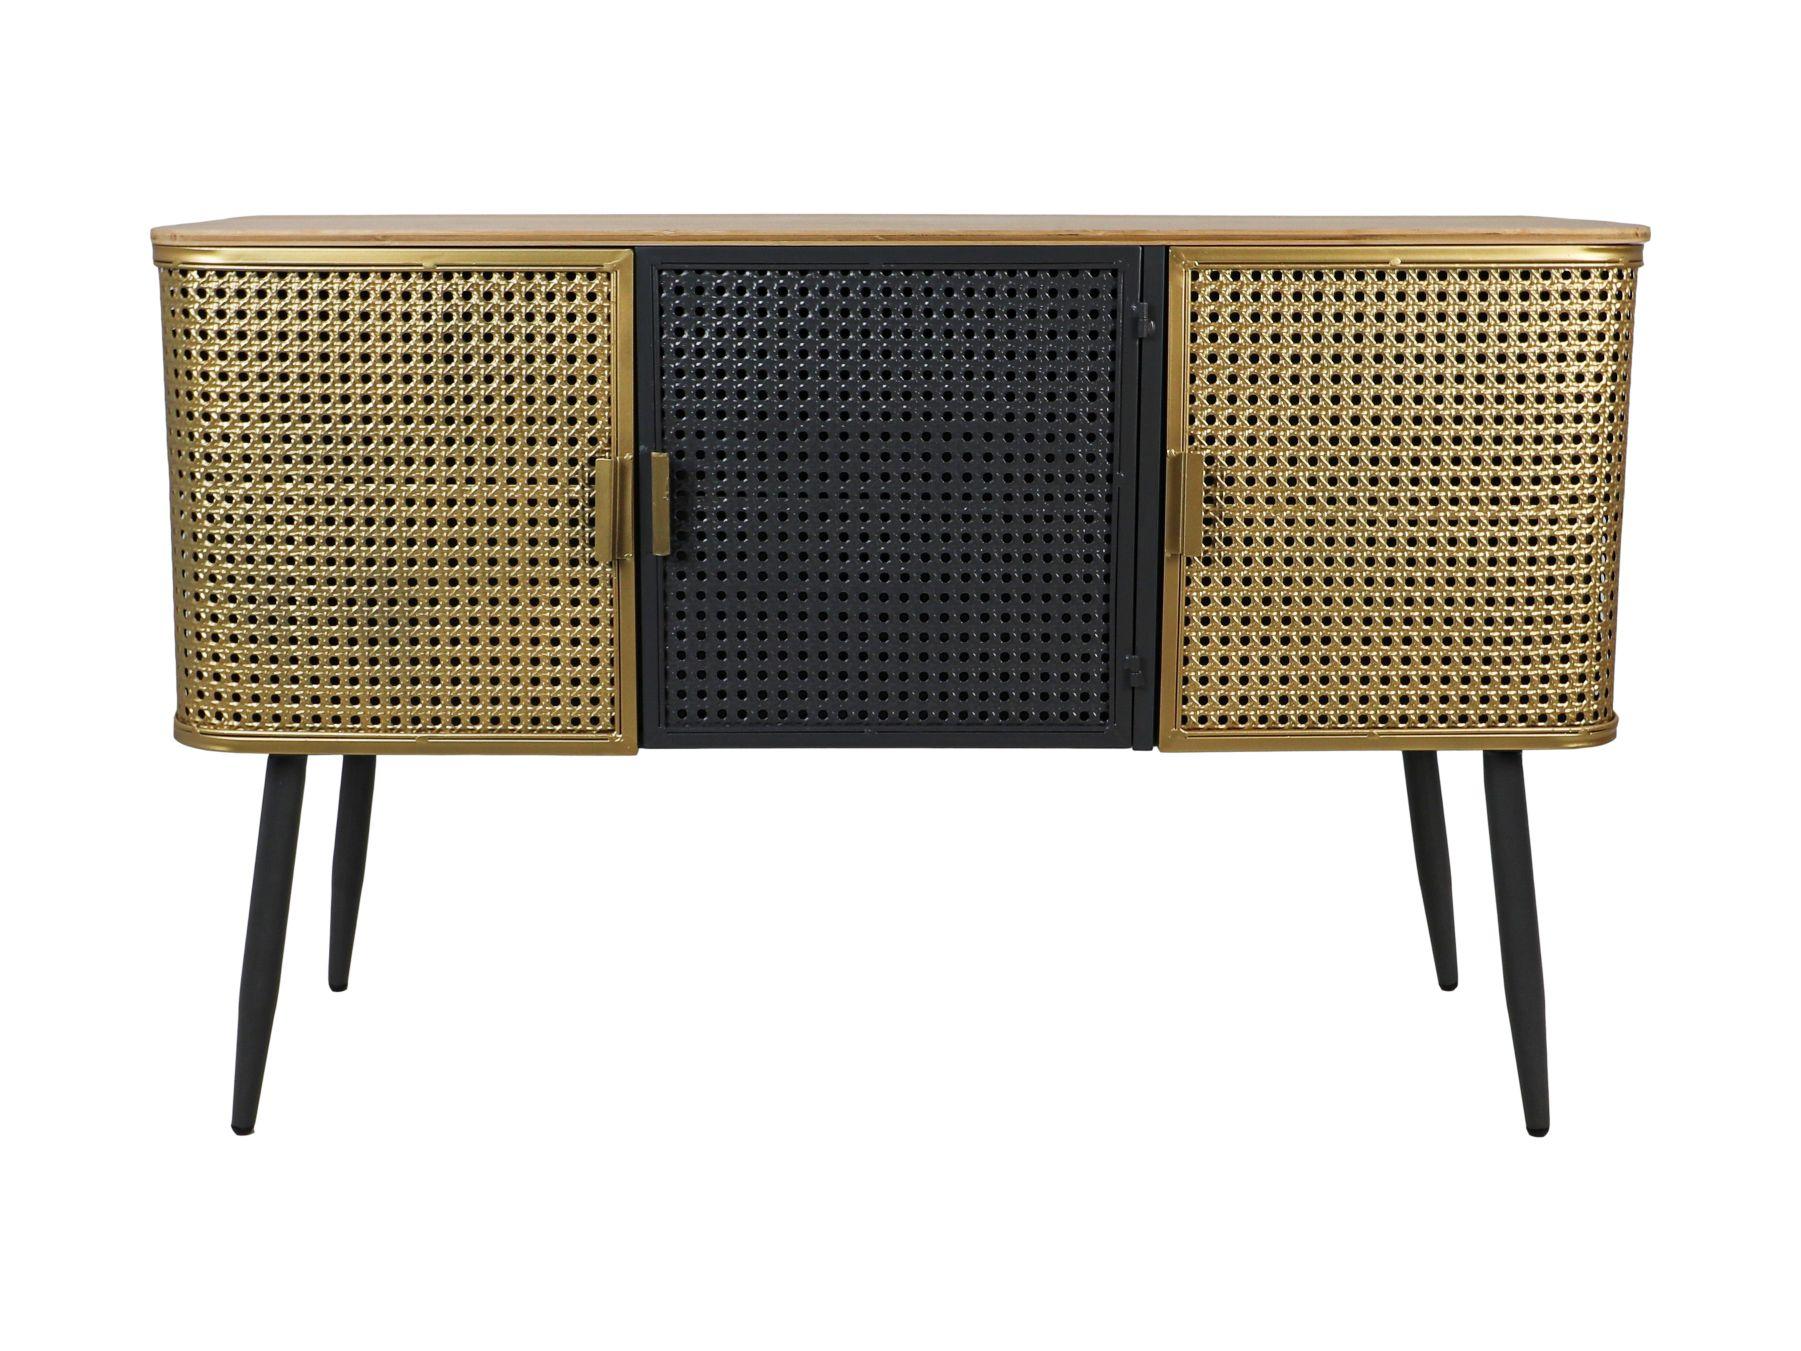 Sideboard Luton - 118x38x75 - Goud/grijs/zwart - Hout/metaal